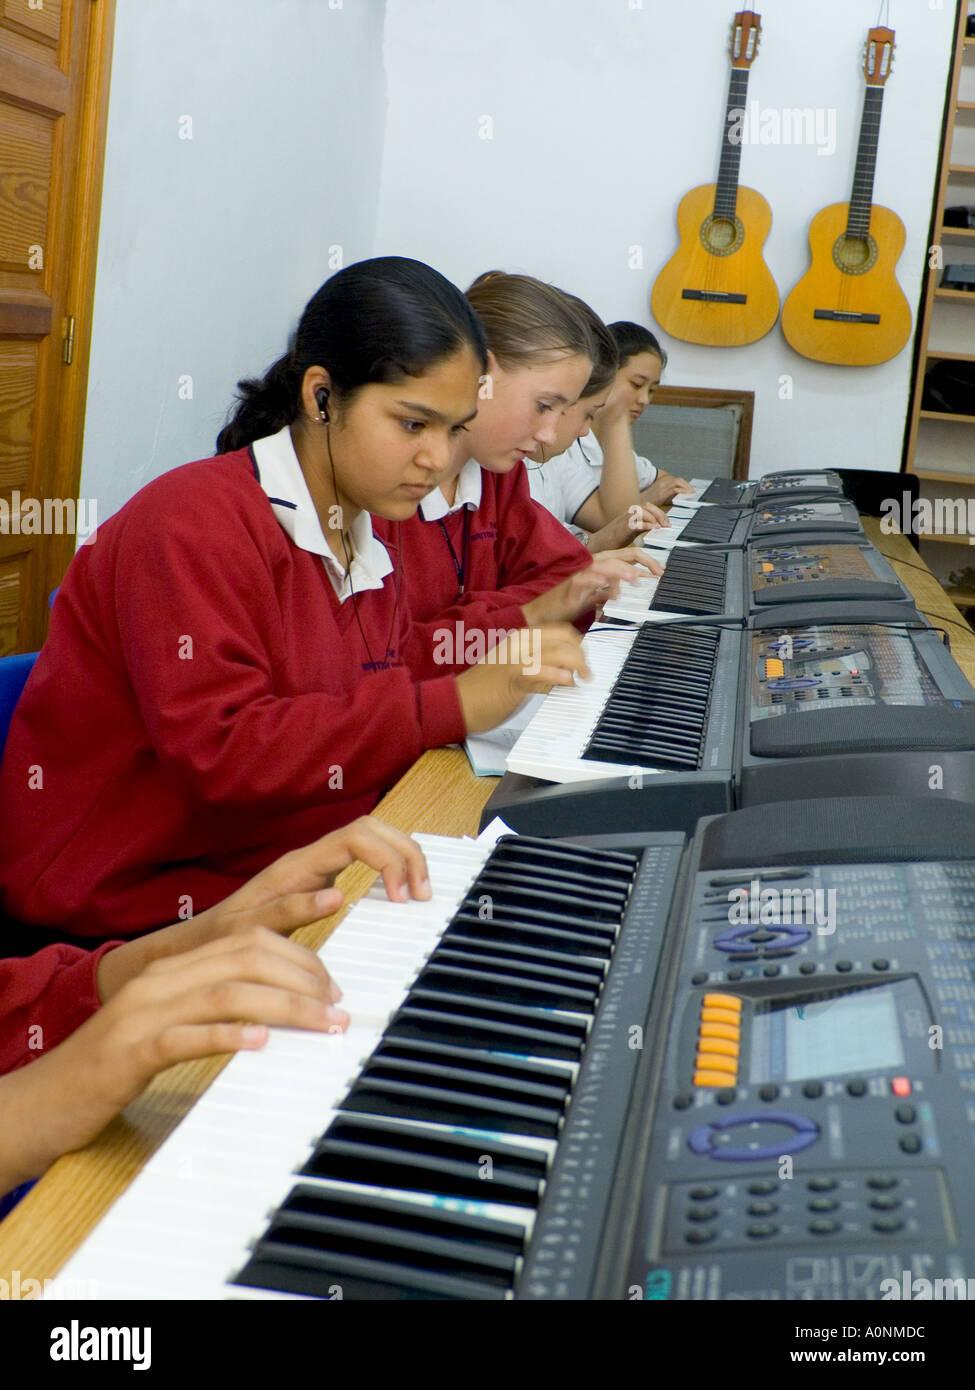 MUSIKUNTERRICHT TASTATUREN Teenage-Studenten tragen Kopfhörer üben & komponieren Gemeinsam Waagen auf elektronischen Klavieren im Klassenzimmer der Schulmusik spielen Stockfoto